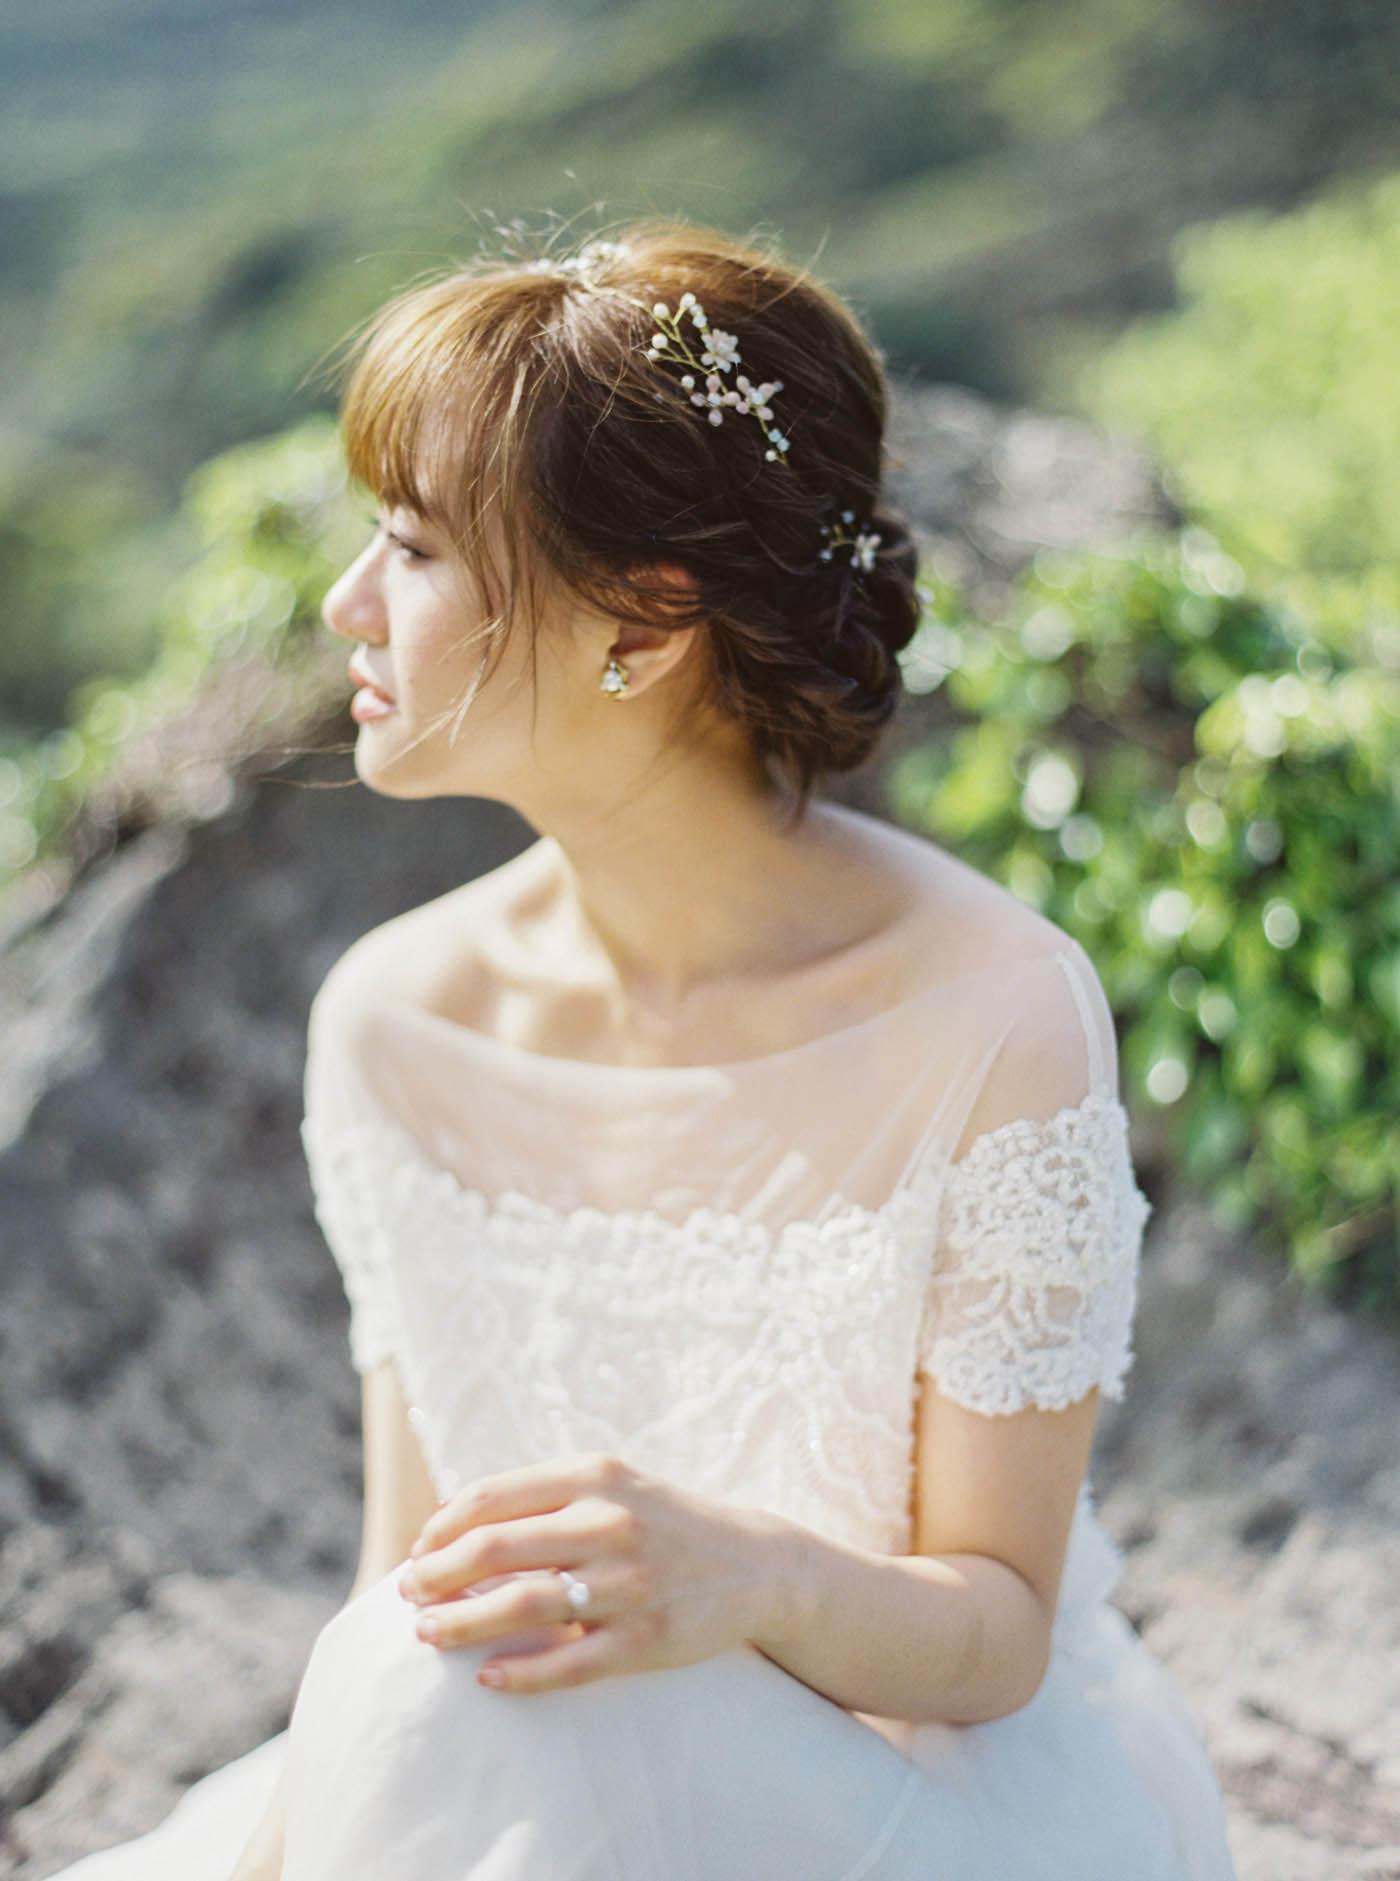 唯諾婚紗-Fine-art婚禮